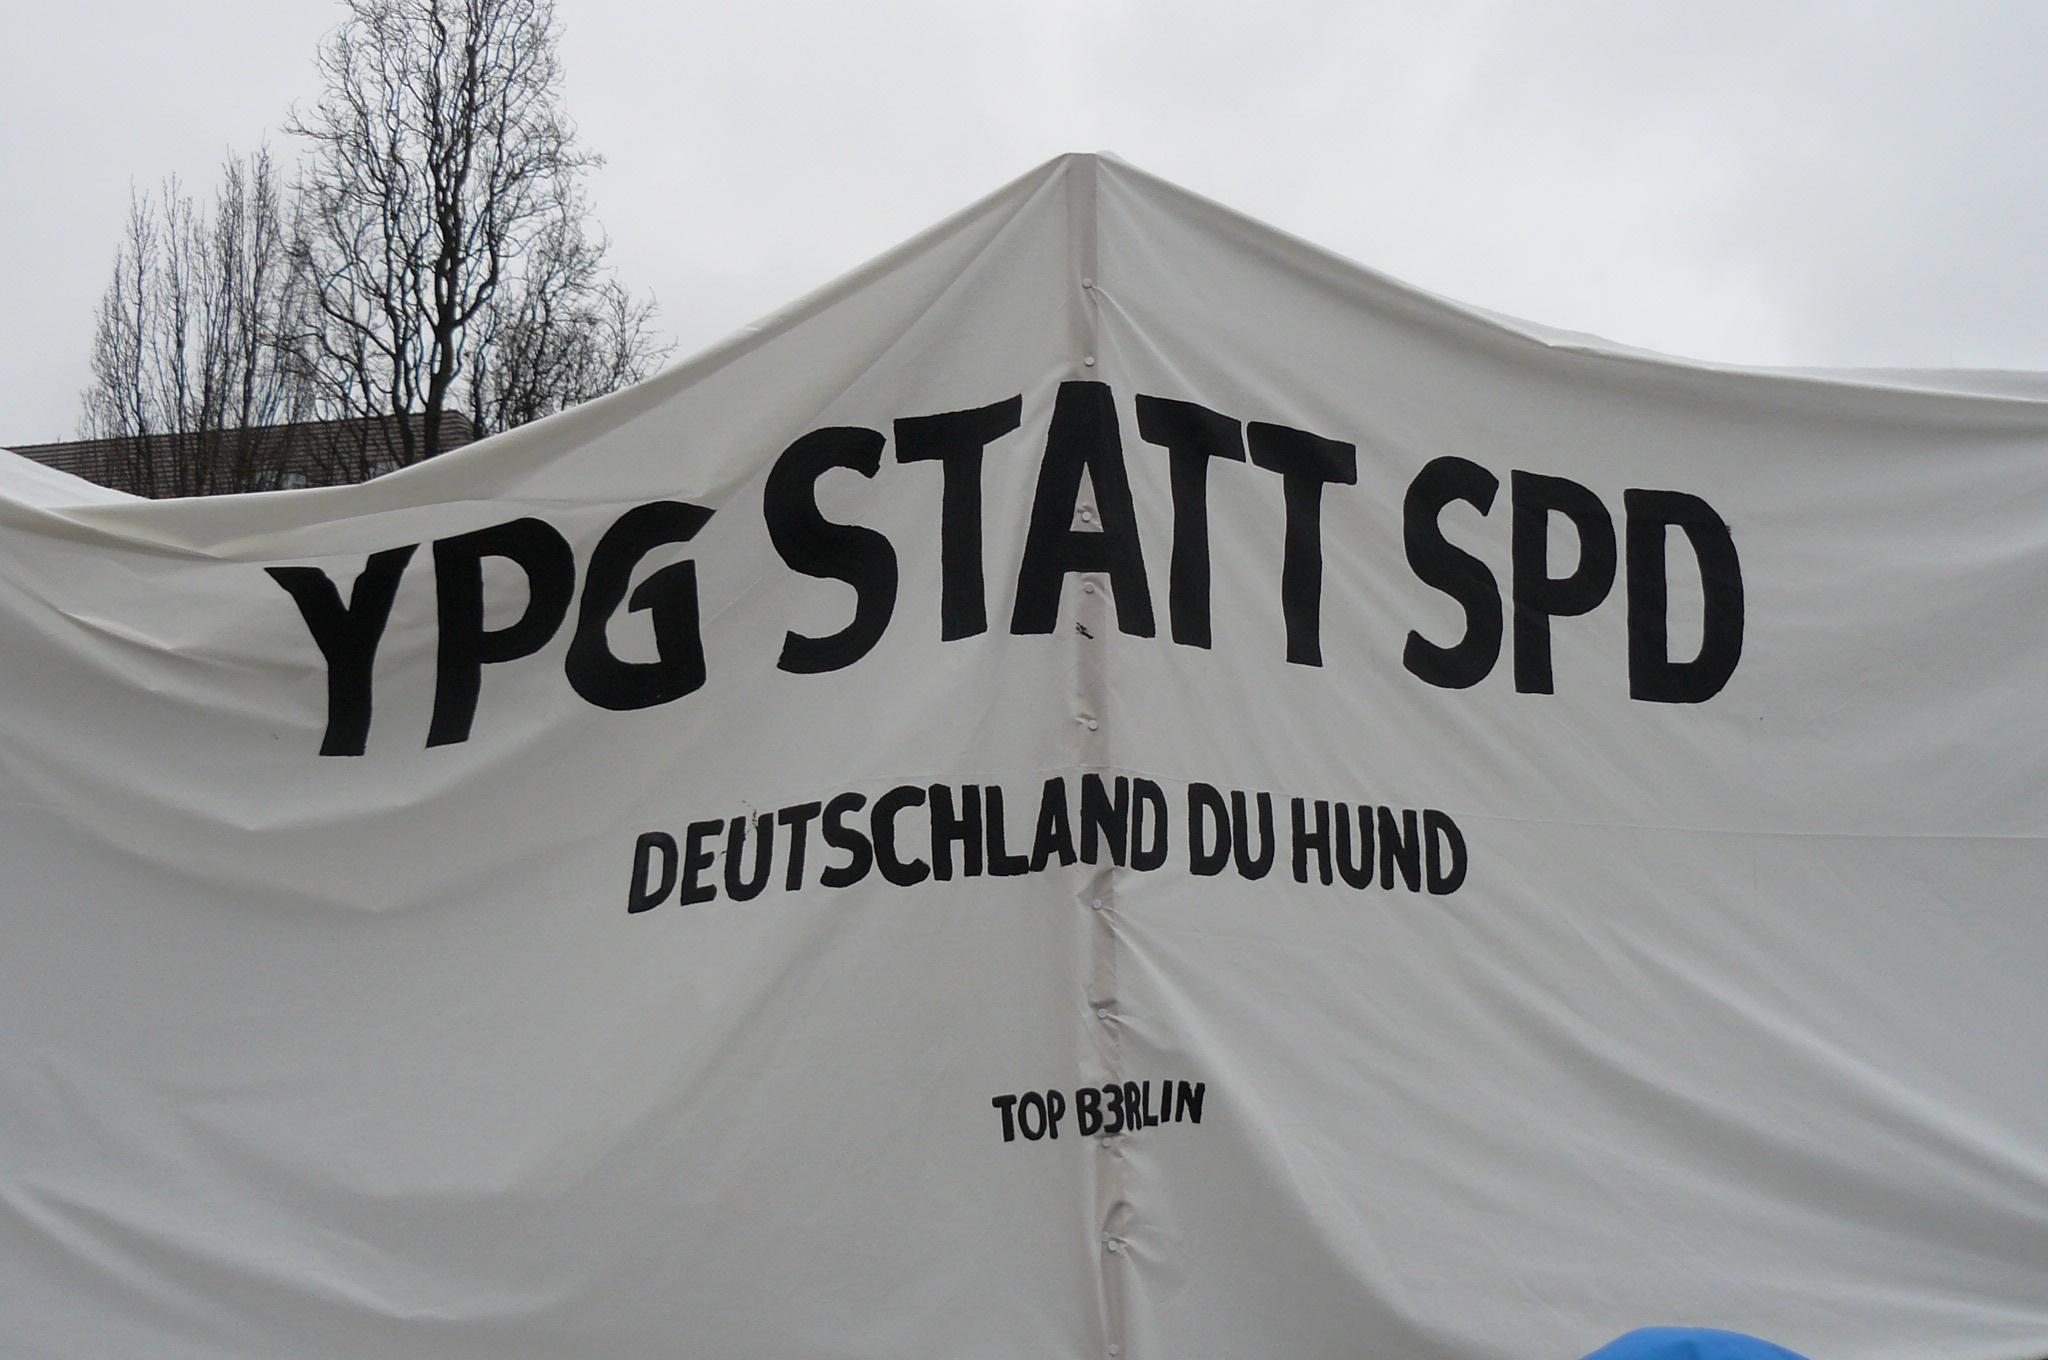 Afrin-Demo: Deutschland, Du Hund!